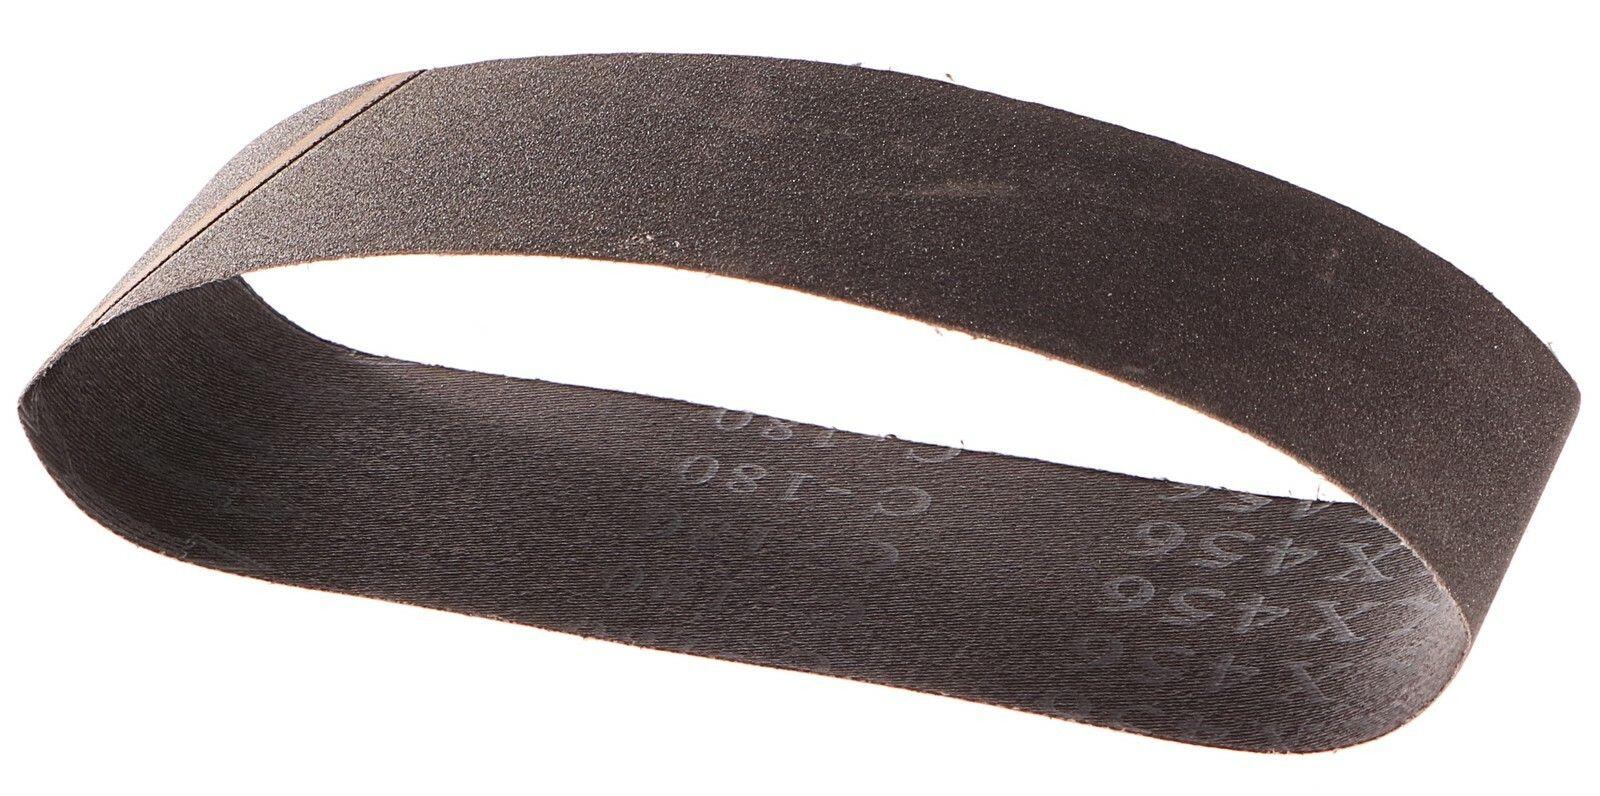 Plátno brusné nekonečný pás, 75x533mm, P180 GEKO